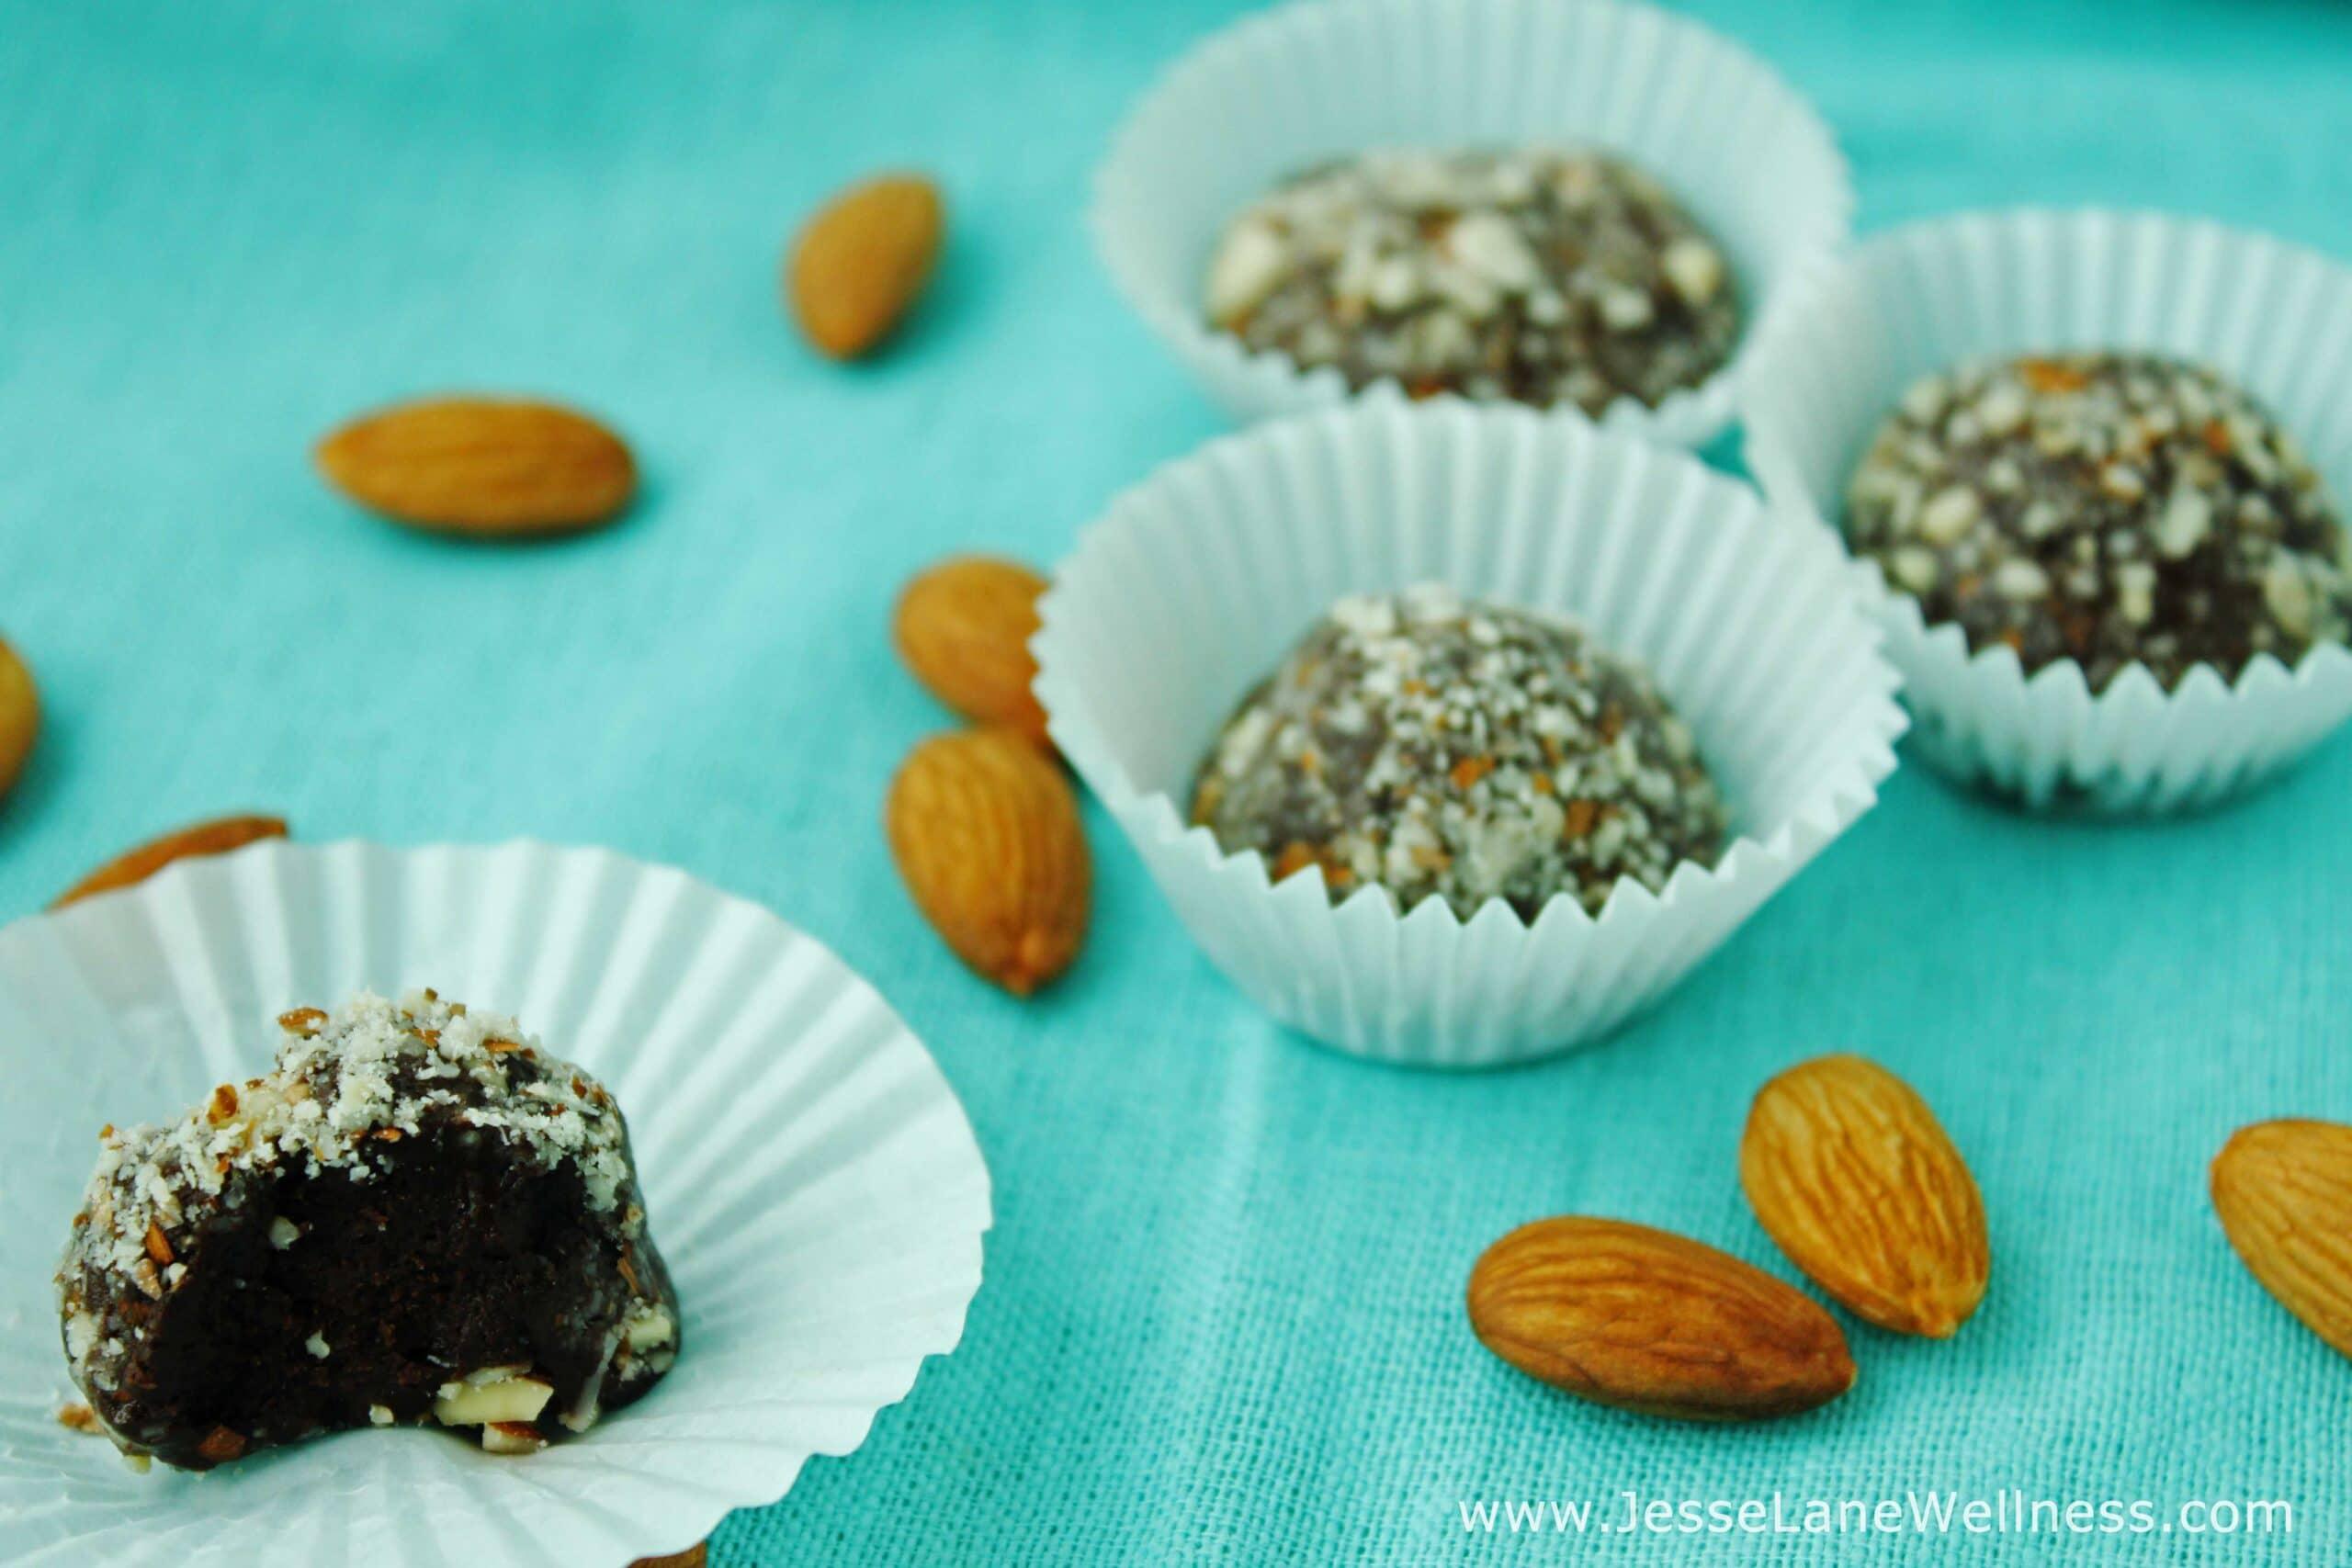 Vanilla Almond Protein Truffles by @JesseLWellness